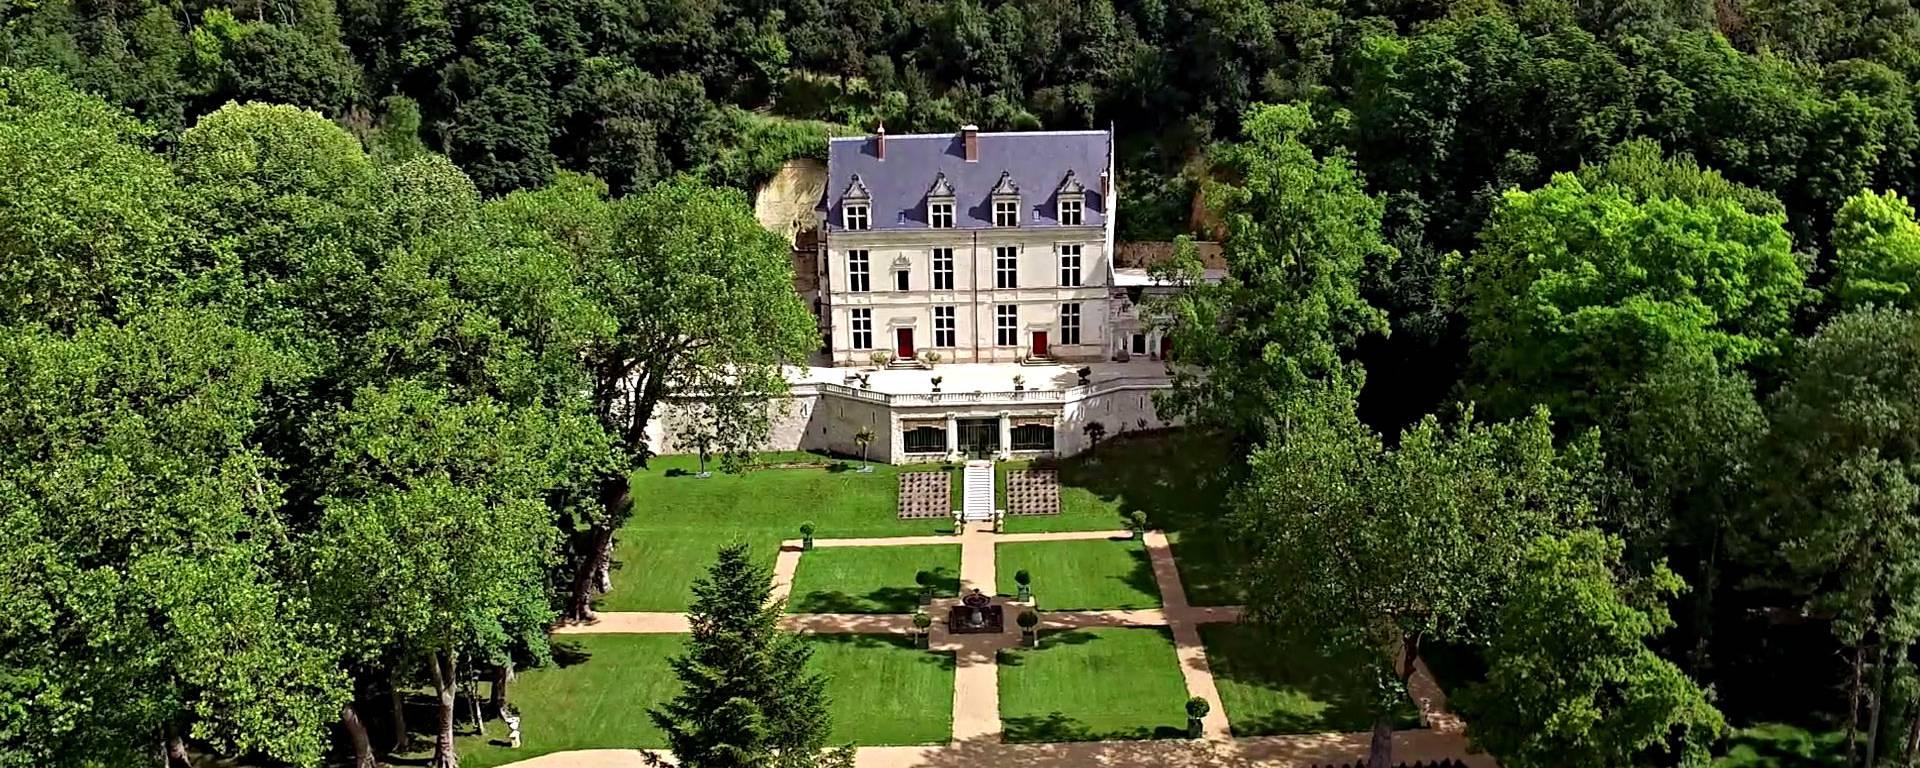 Vista aérea del castillo de Gaillard. © OTBC